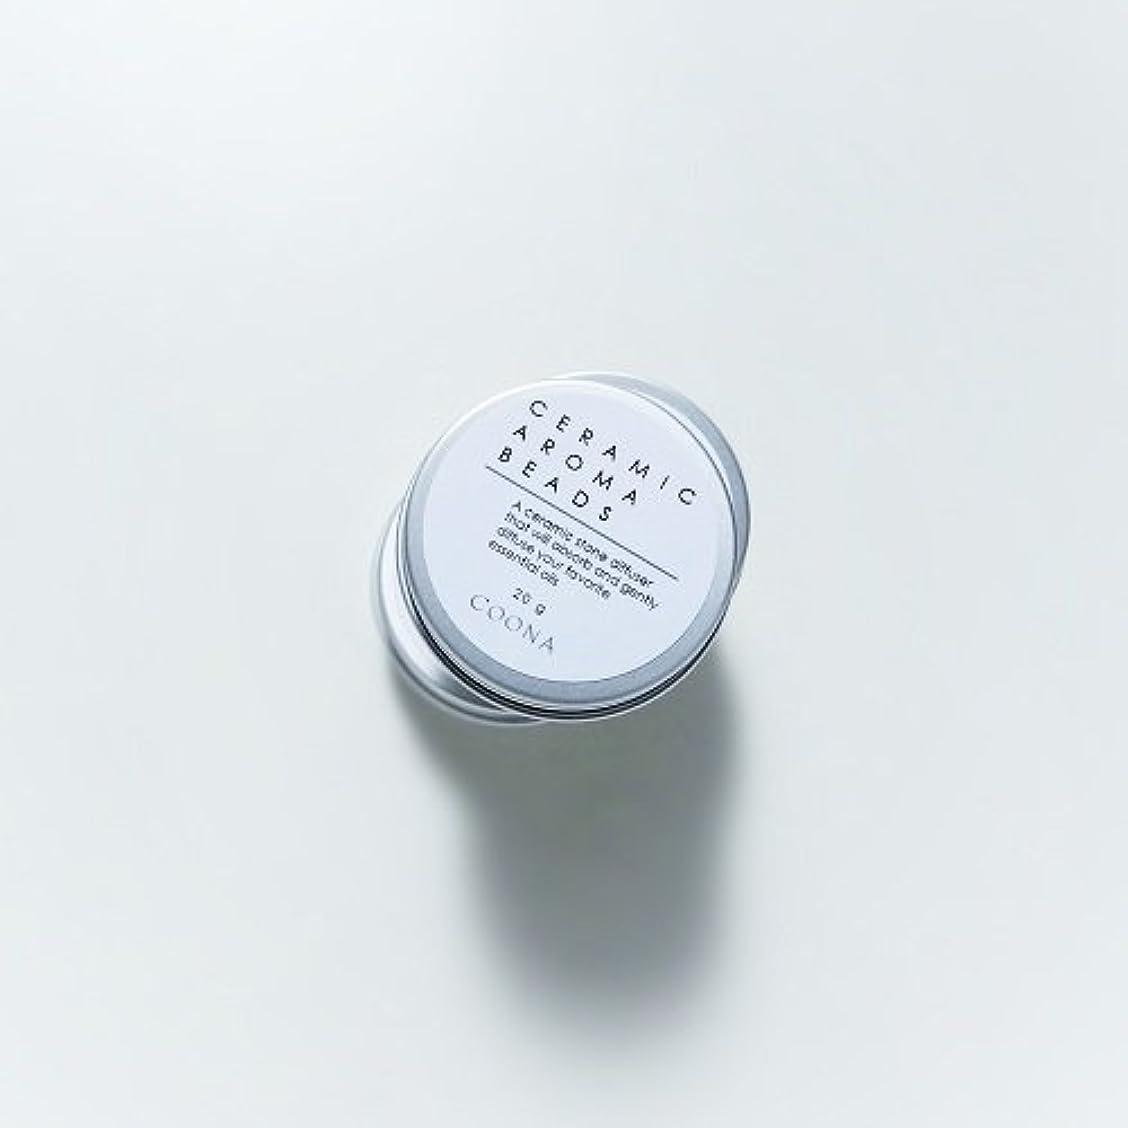 協同単にイタリックセラミックアロマビーズ(缶入り アロマストーン エコディフューザー)20g×1個